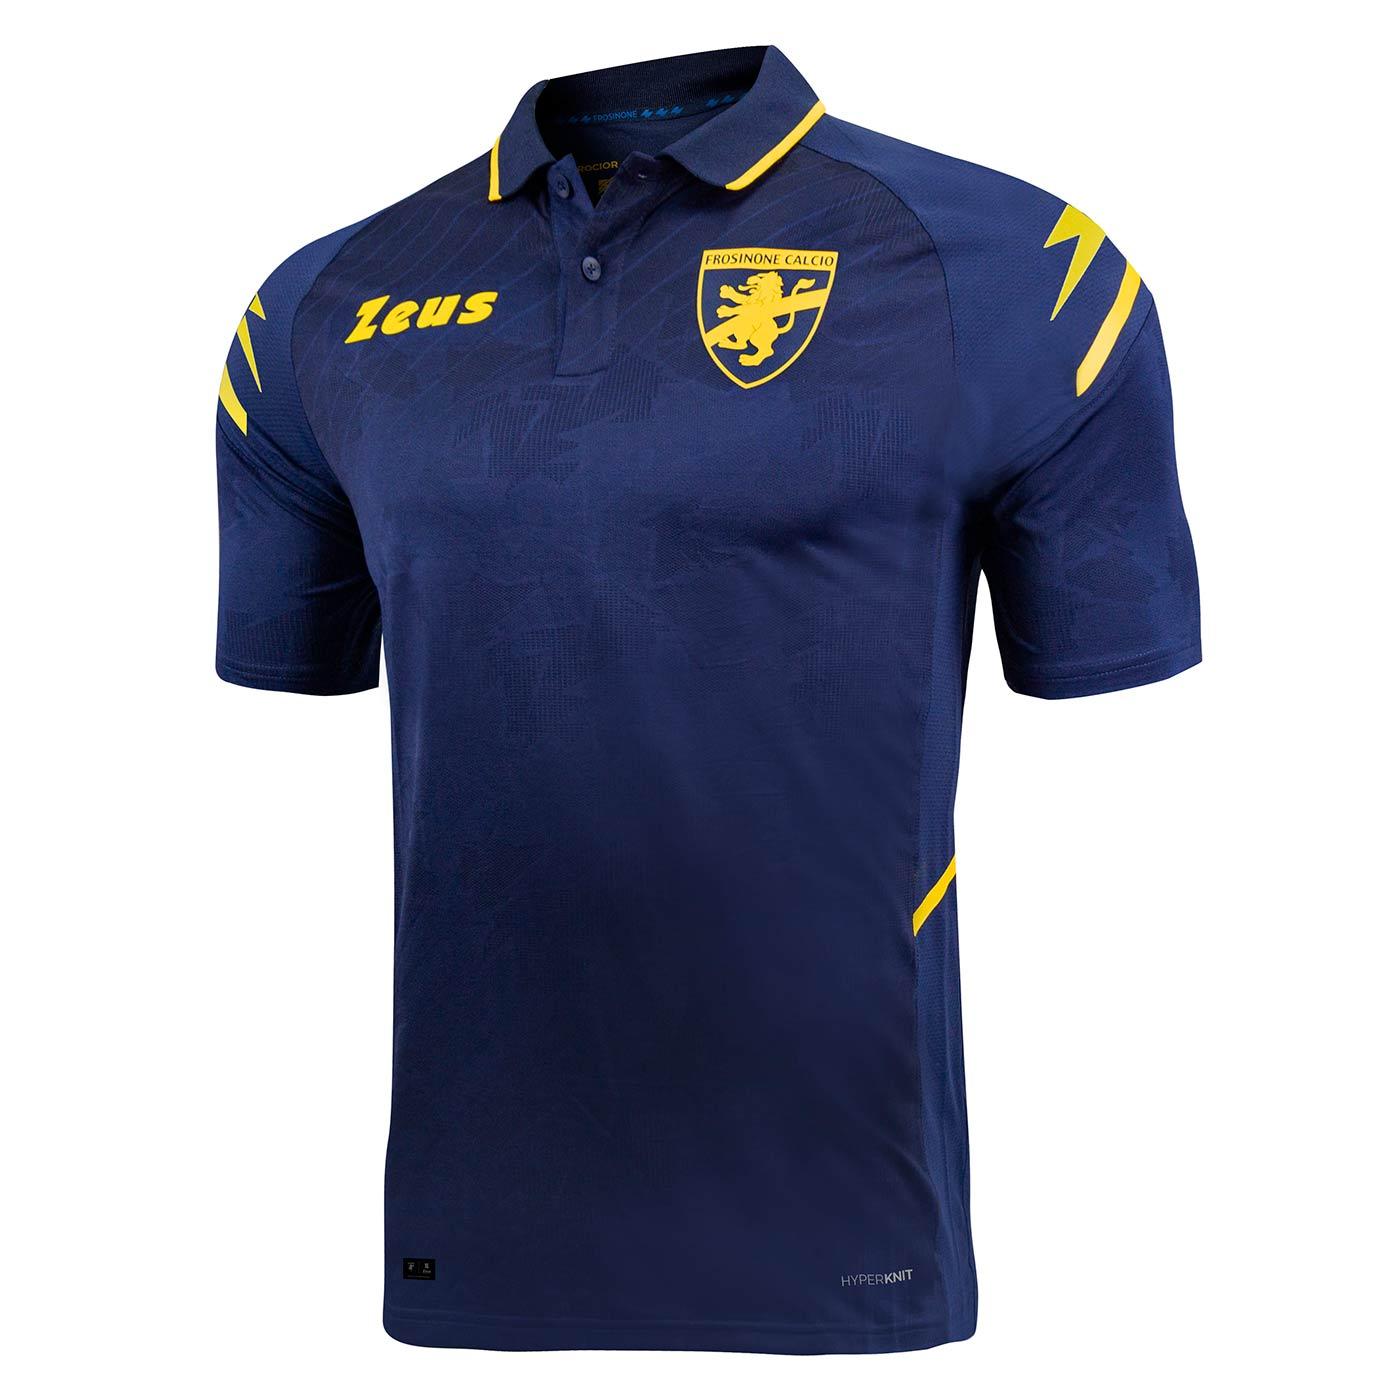 Terza maglia Frosinone blu 2021-2022